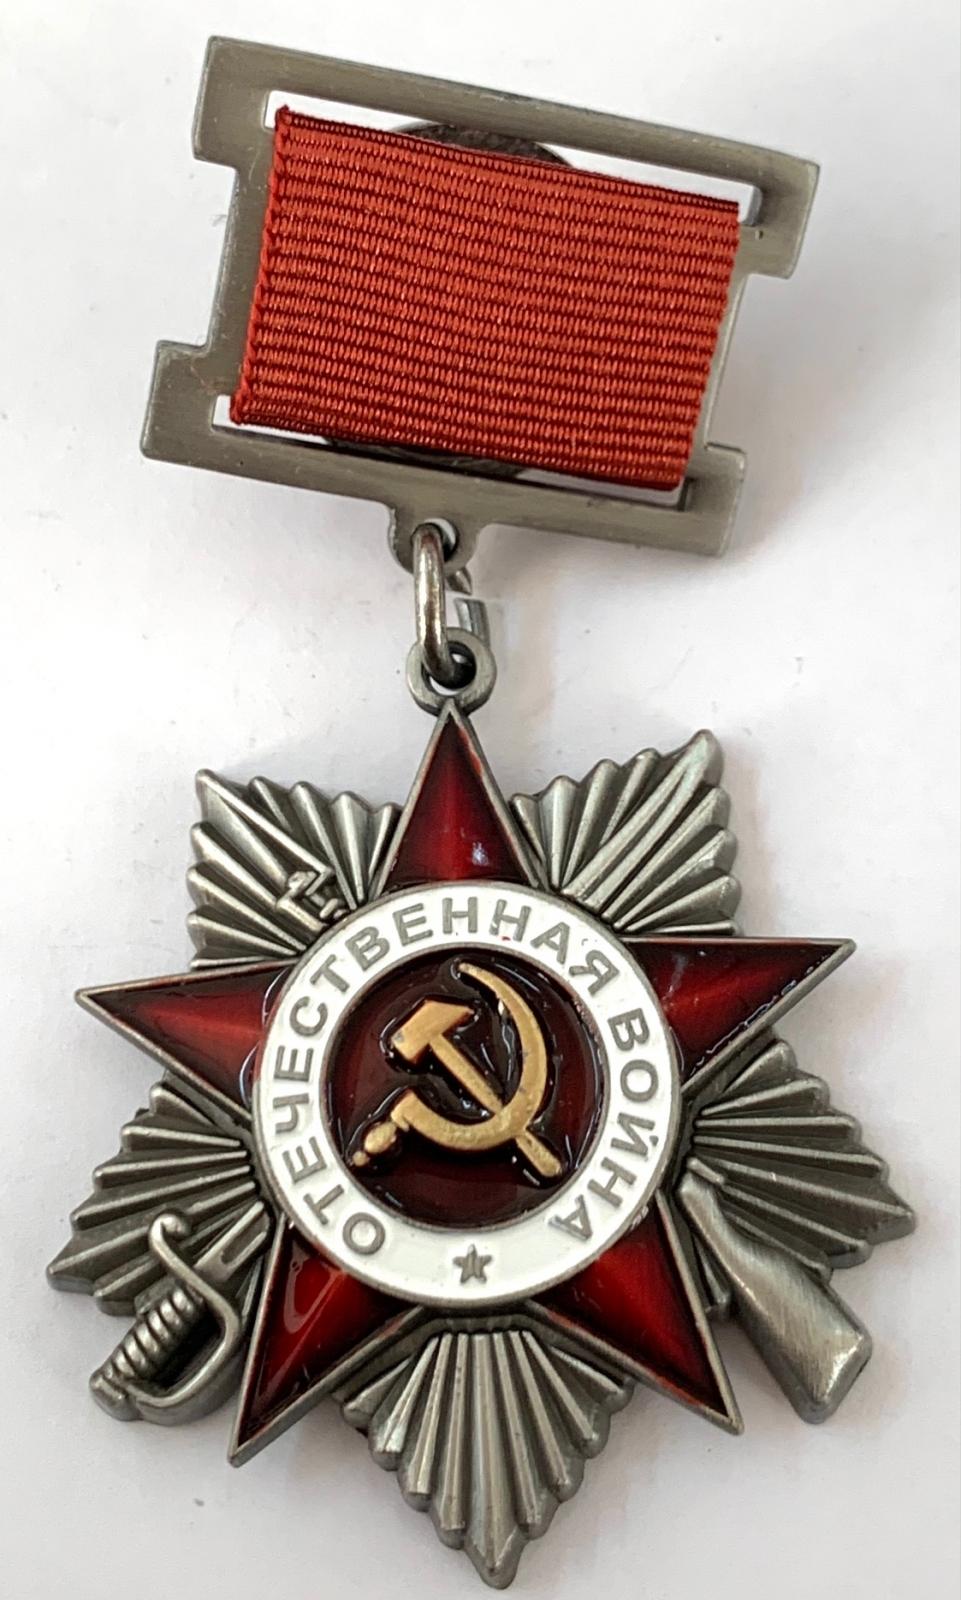 Муляж Ордена Великой Отечественной войны 1941-1945 2-й степени